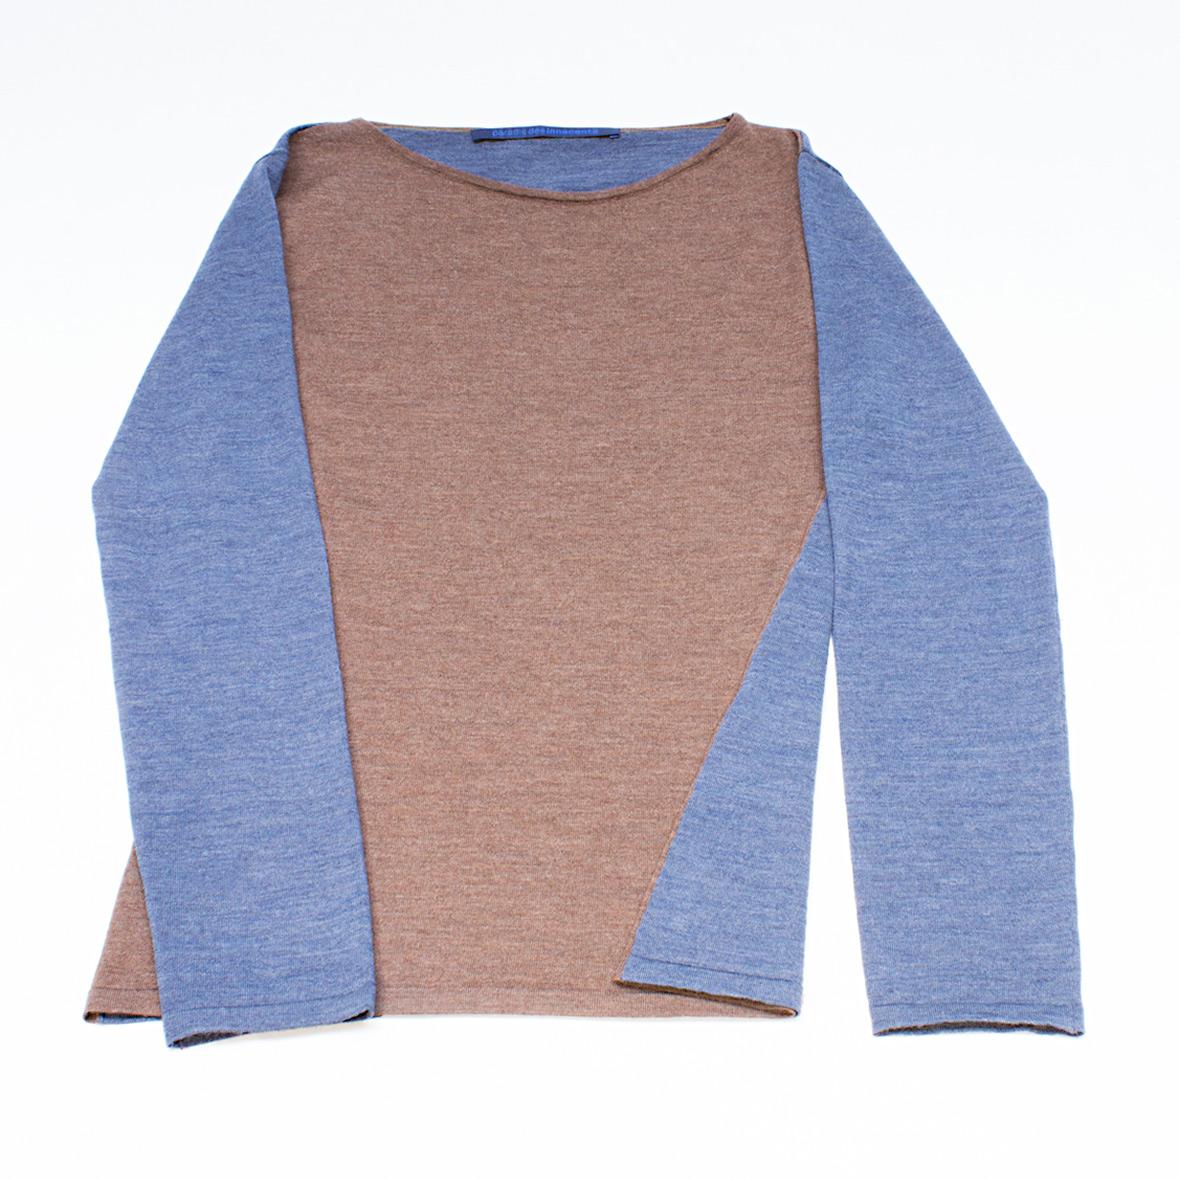 Strickpullover marron/blau aus Merinowolle